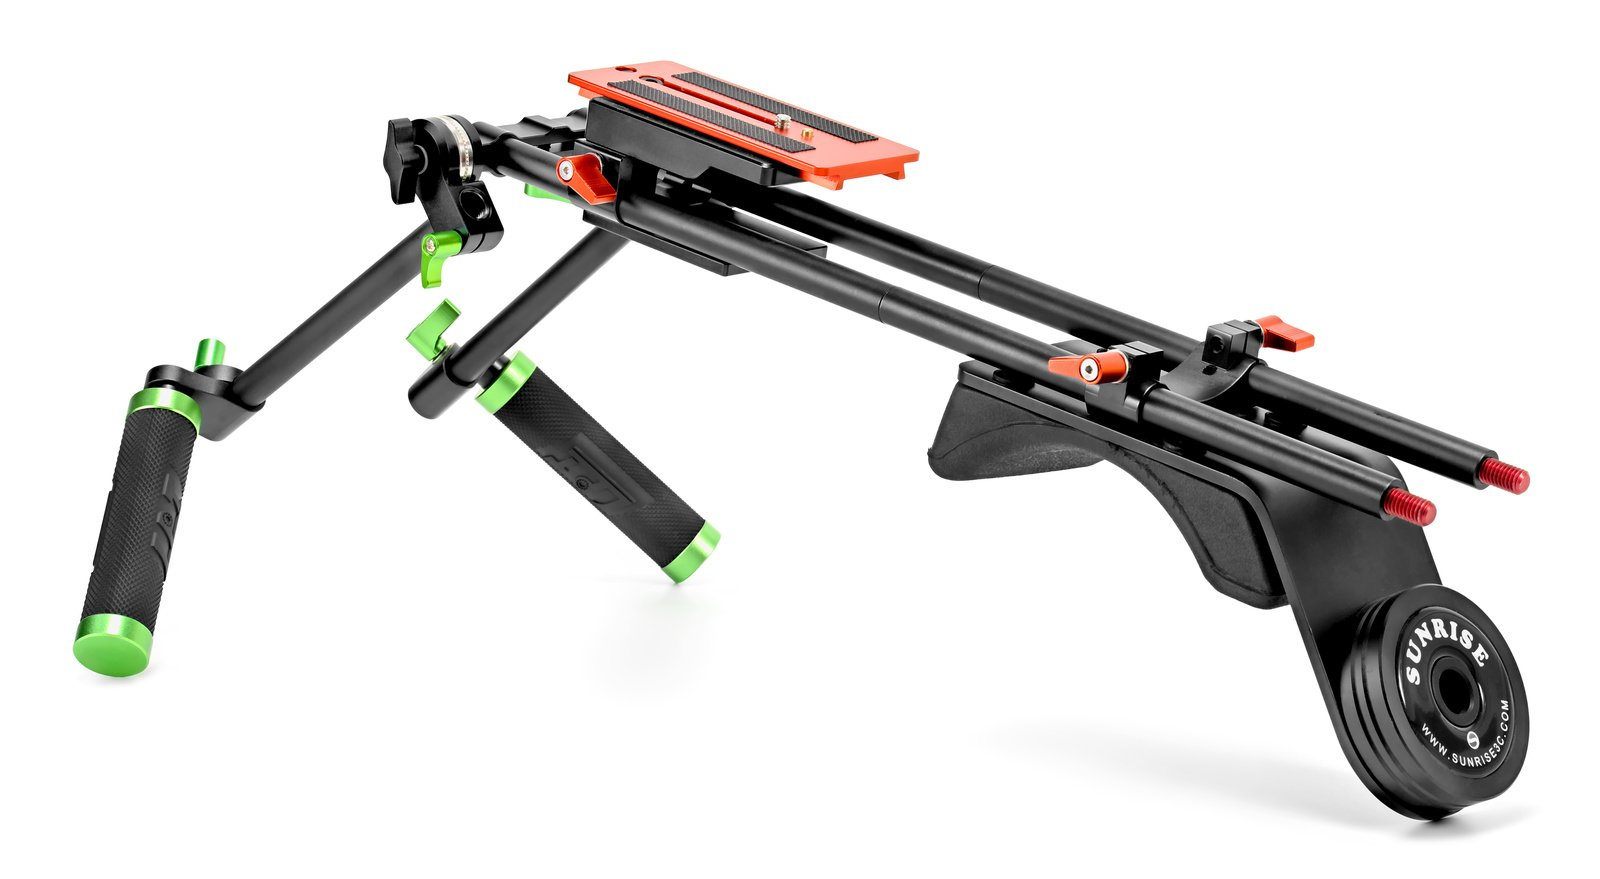 Mit dem Adapter können verzahnte Rig-Griffe gebaut werden.